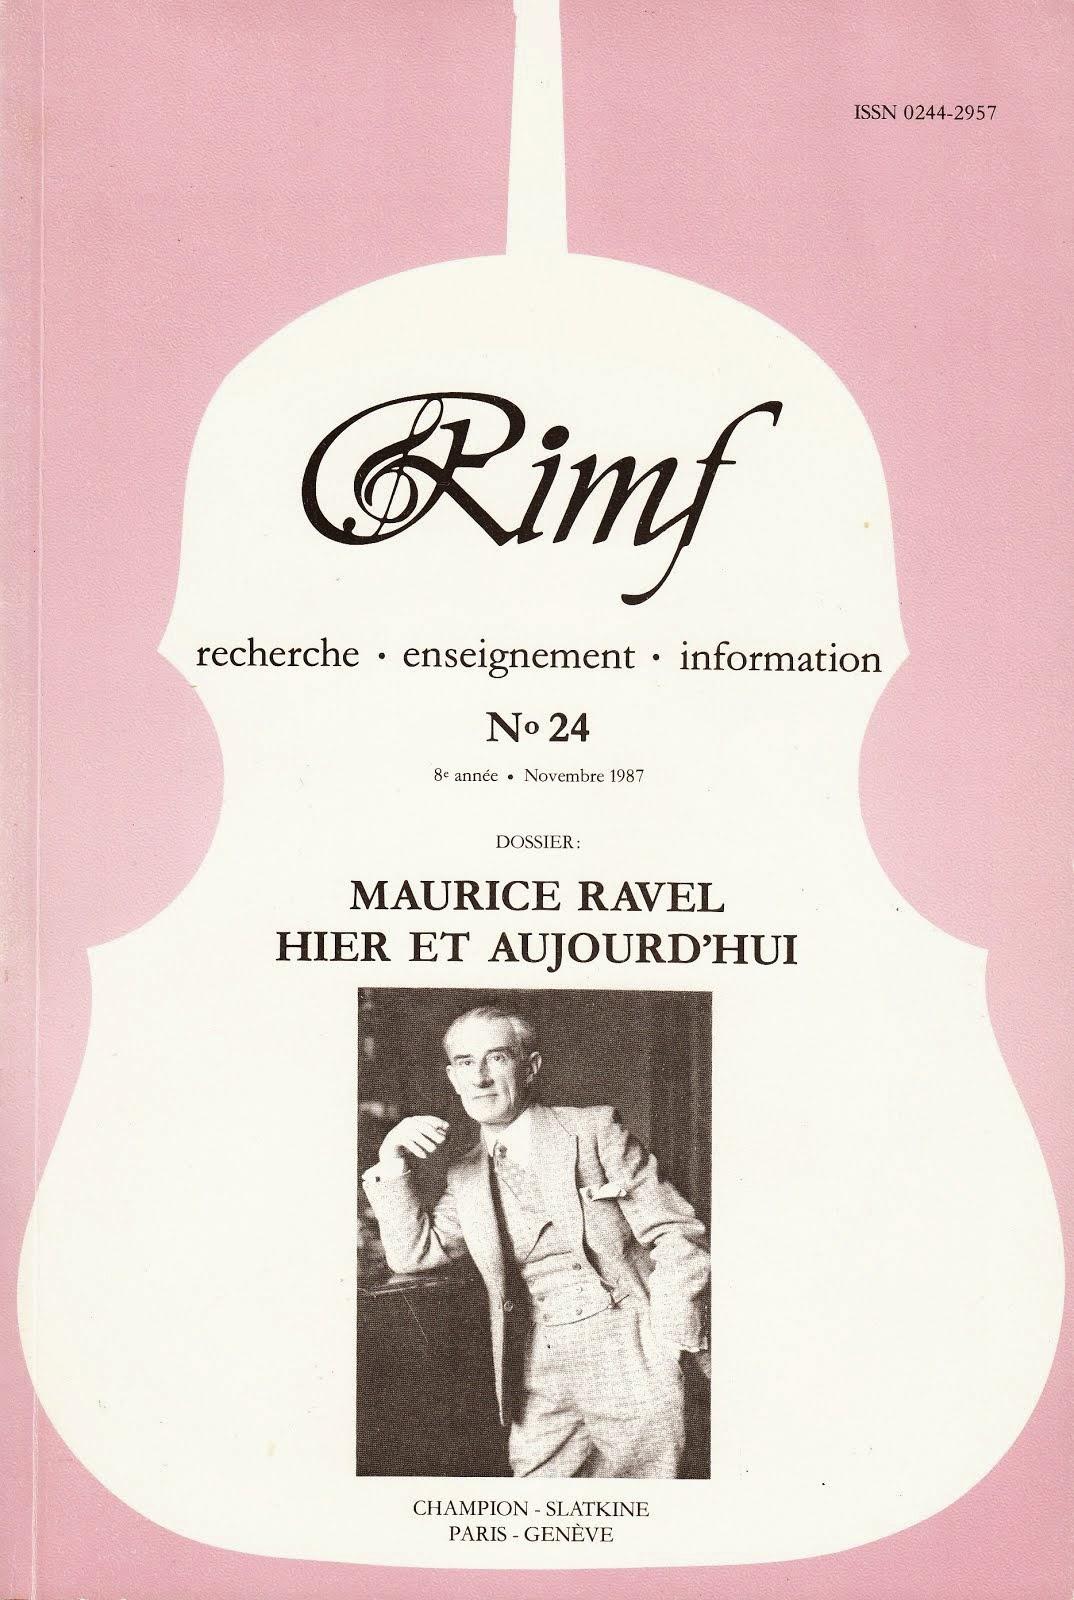 Maurice Ravel hier et aujourd'hui RIMF 1987 (épuisé)